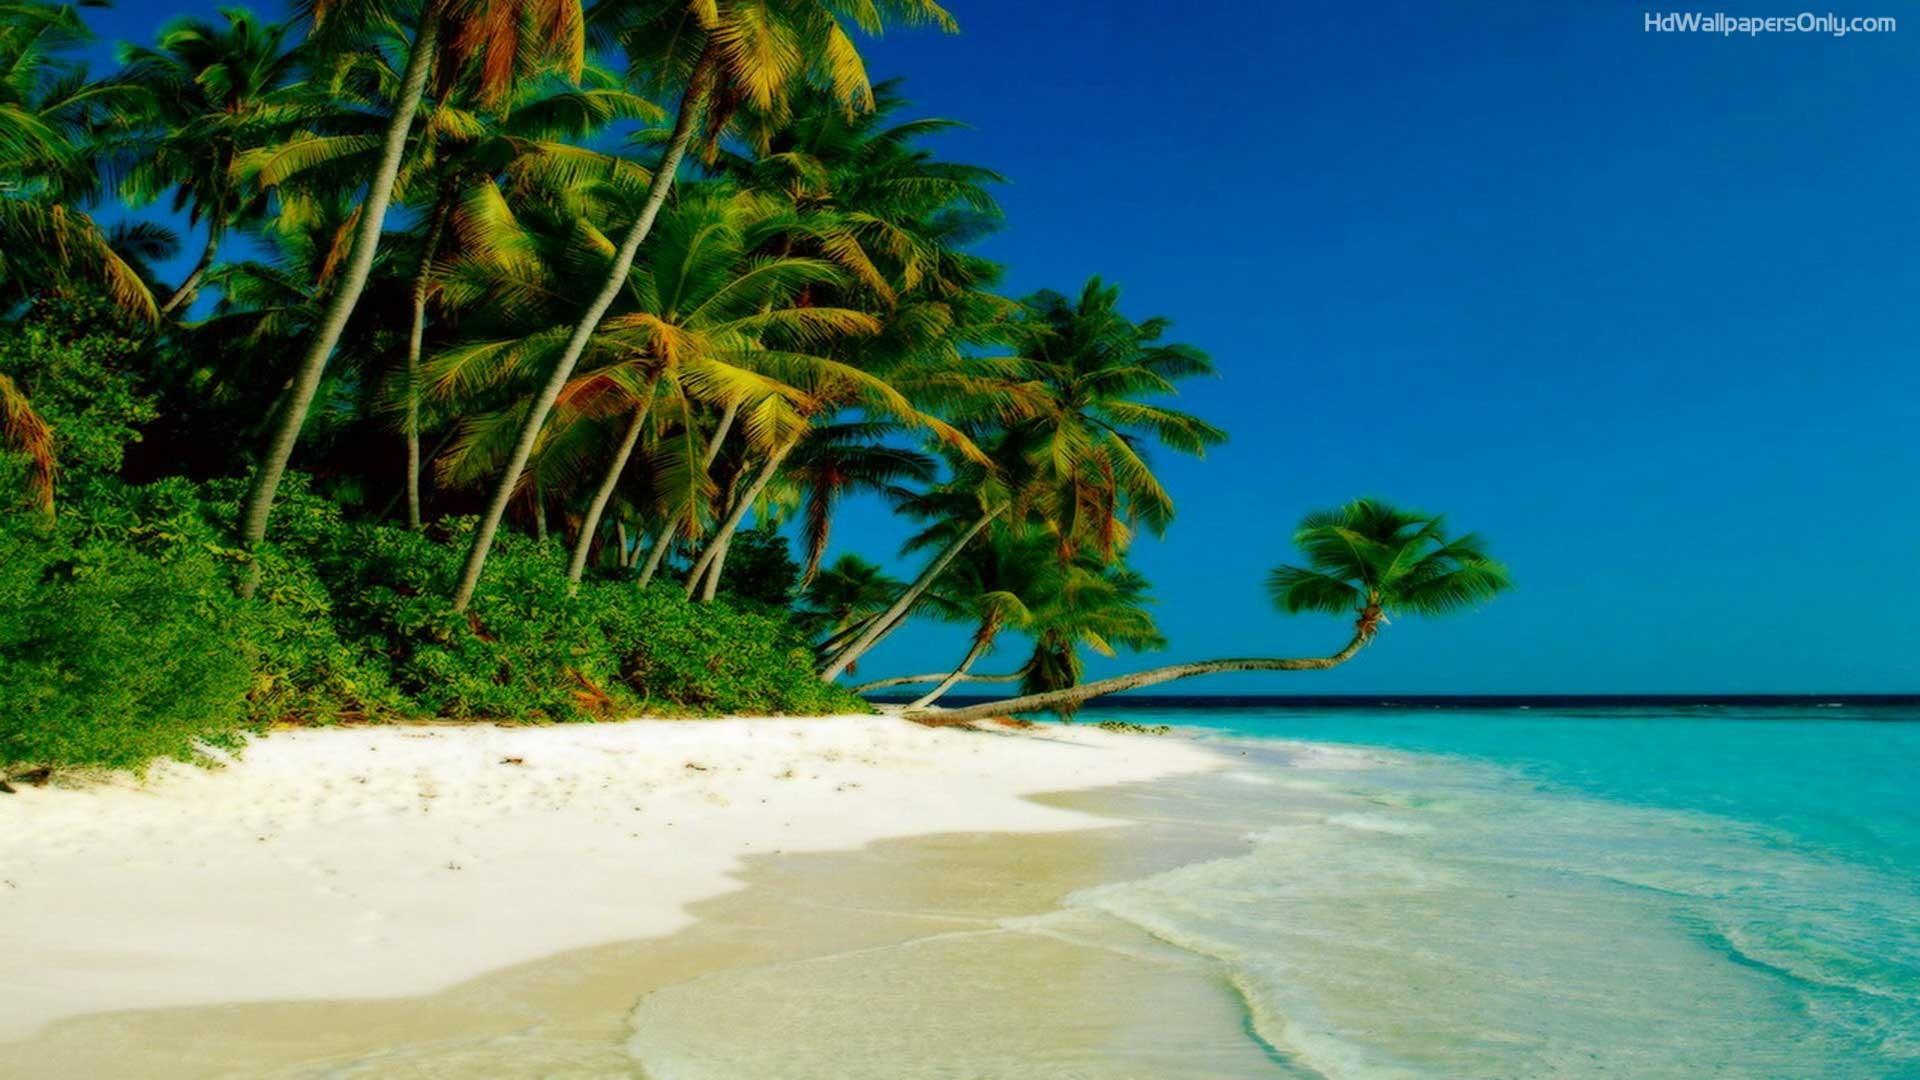 Beaches Islands Hd Wallpapers Beach Desktop Backgrounds,stock - Tropical Island Background - HD Wallpaper